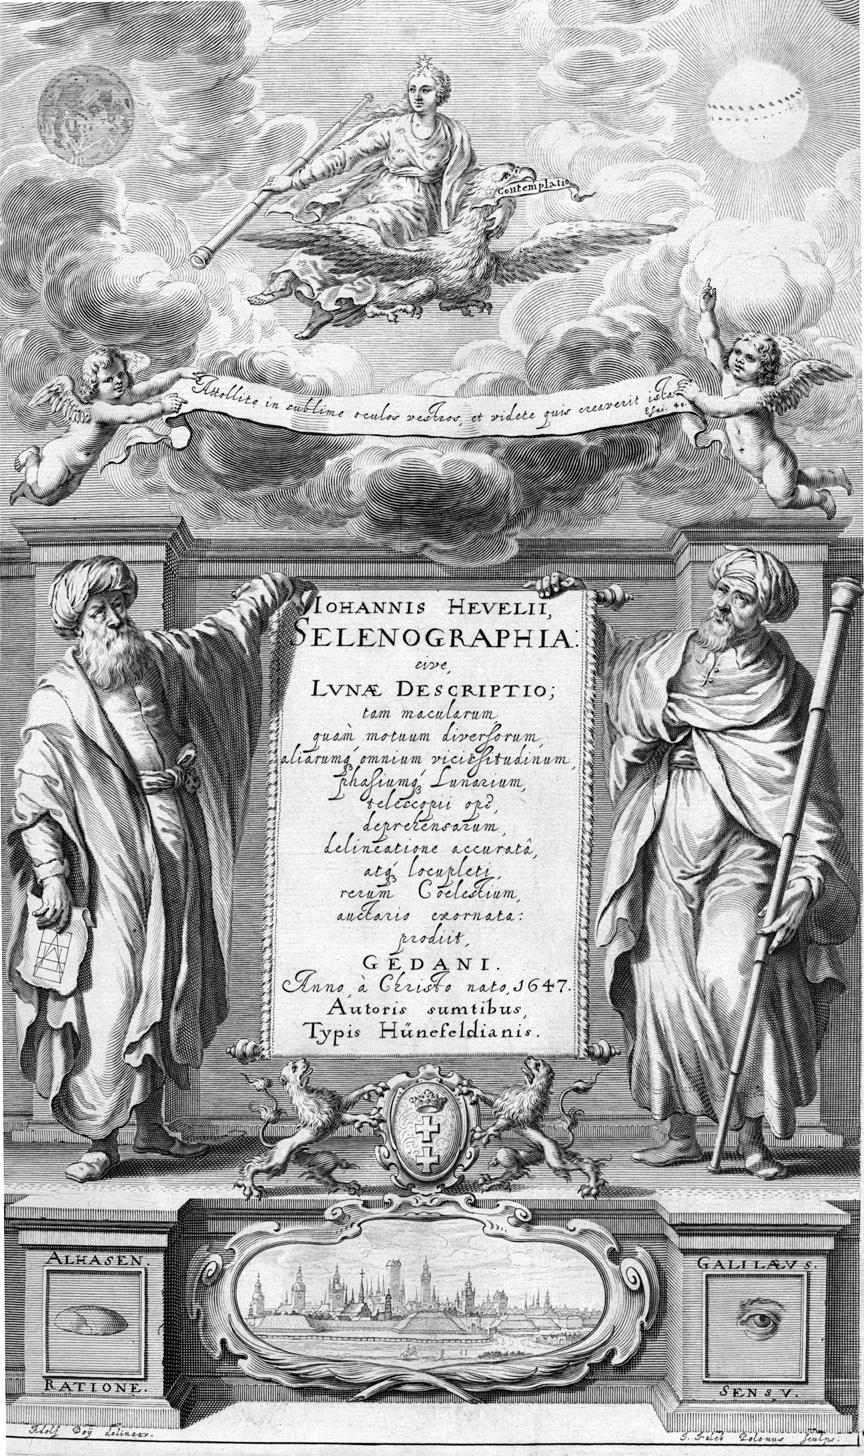 0d0ccd8b3 رسم يُظهر ابن الهيثم ممثلاً العقل والمنطق، ويقابله غاليلو غاليلي، الذي  يُمثل الحواس.